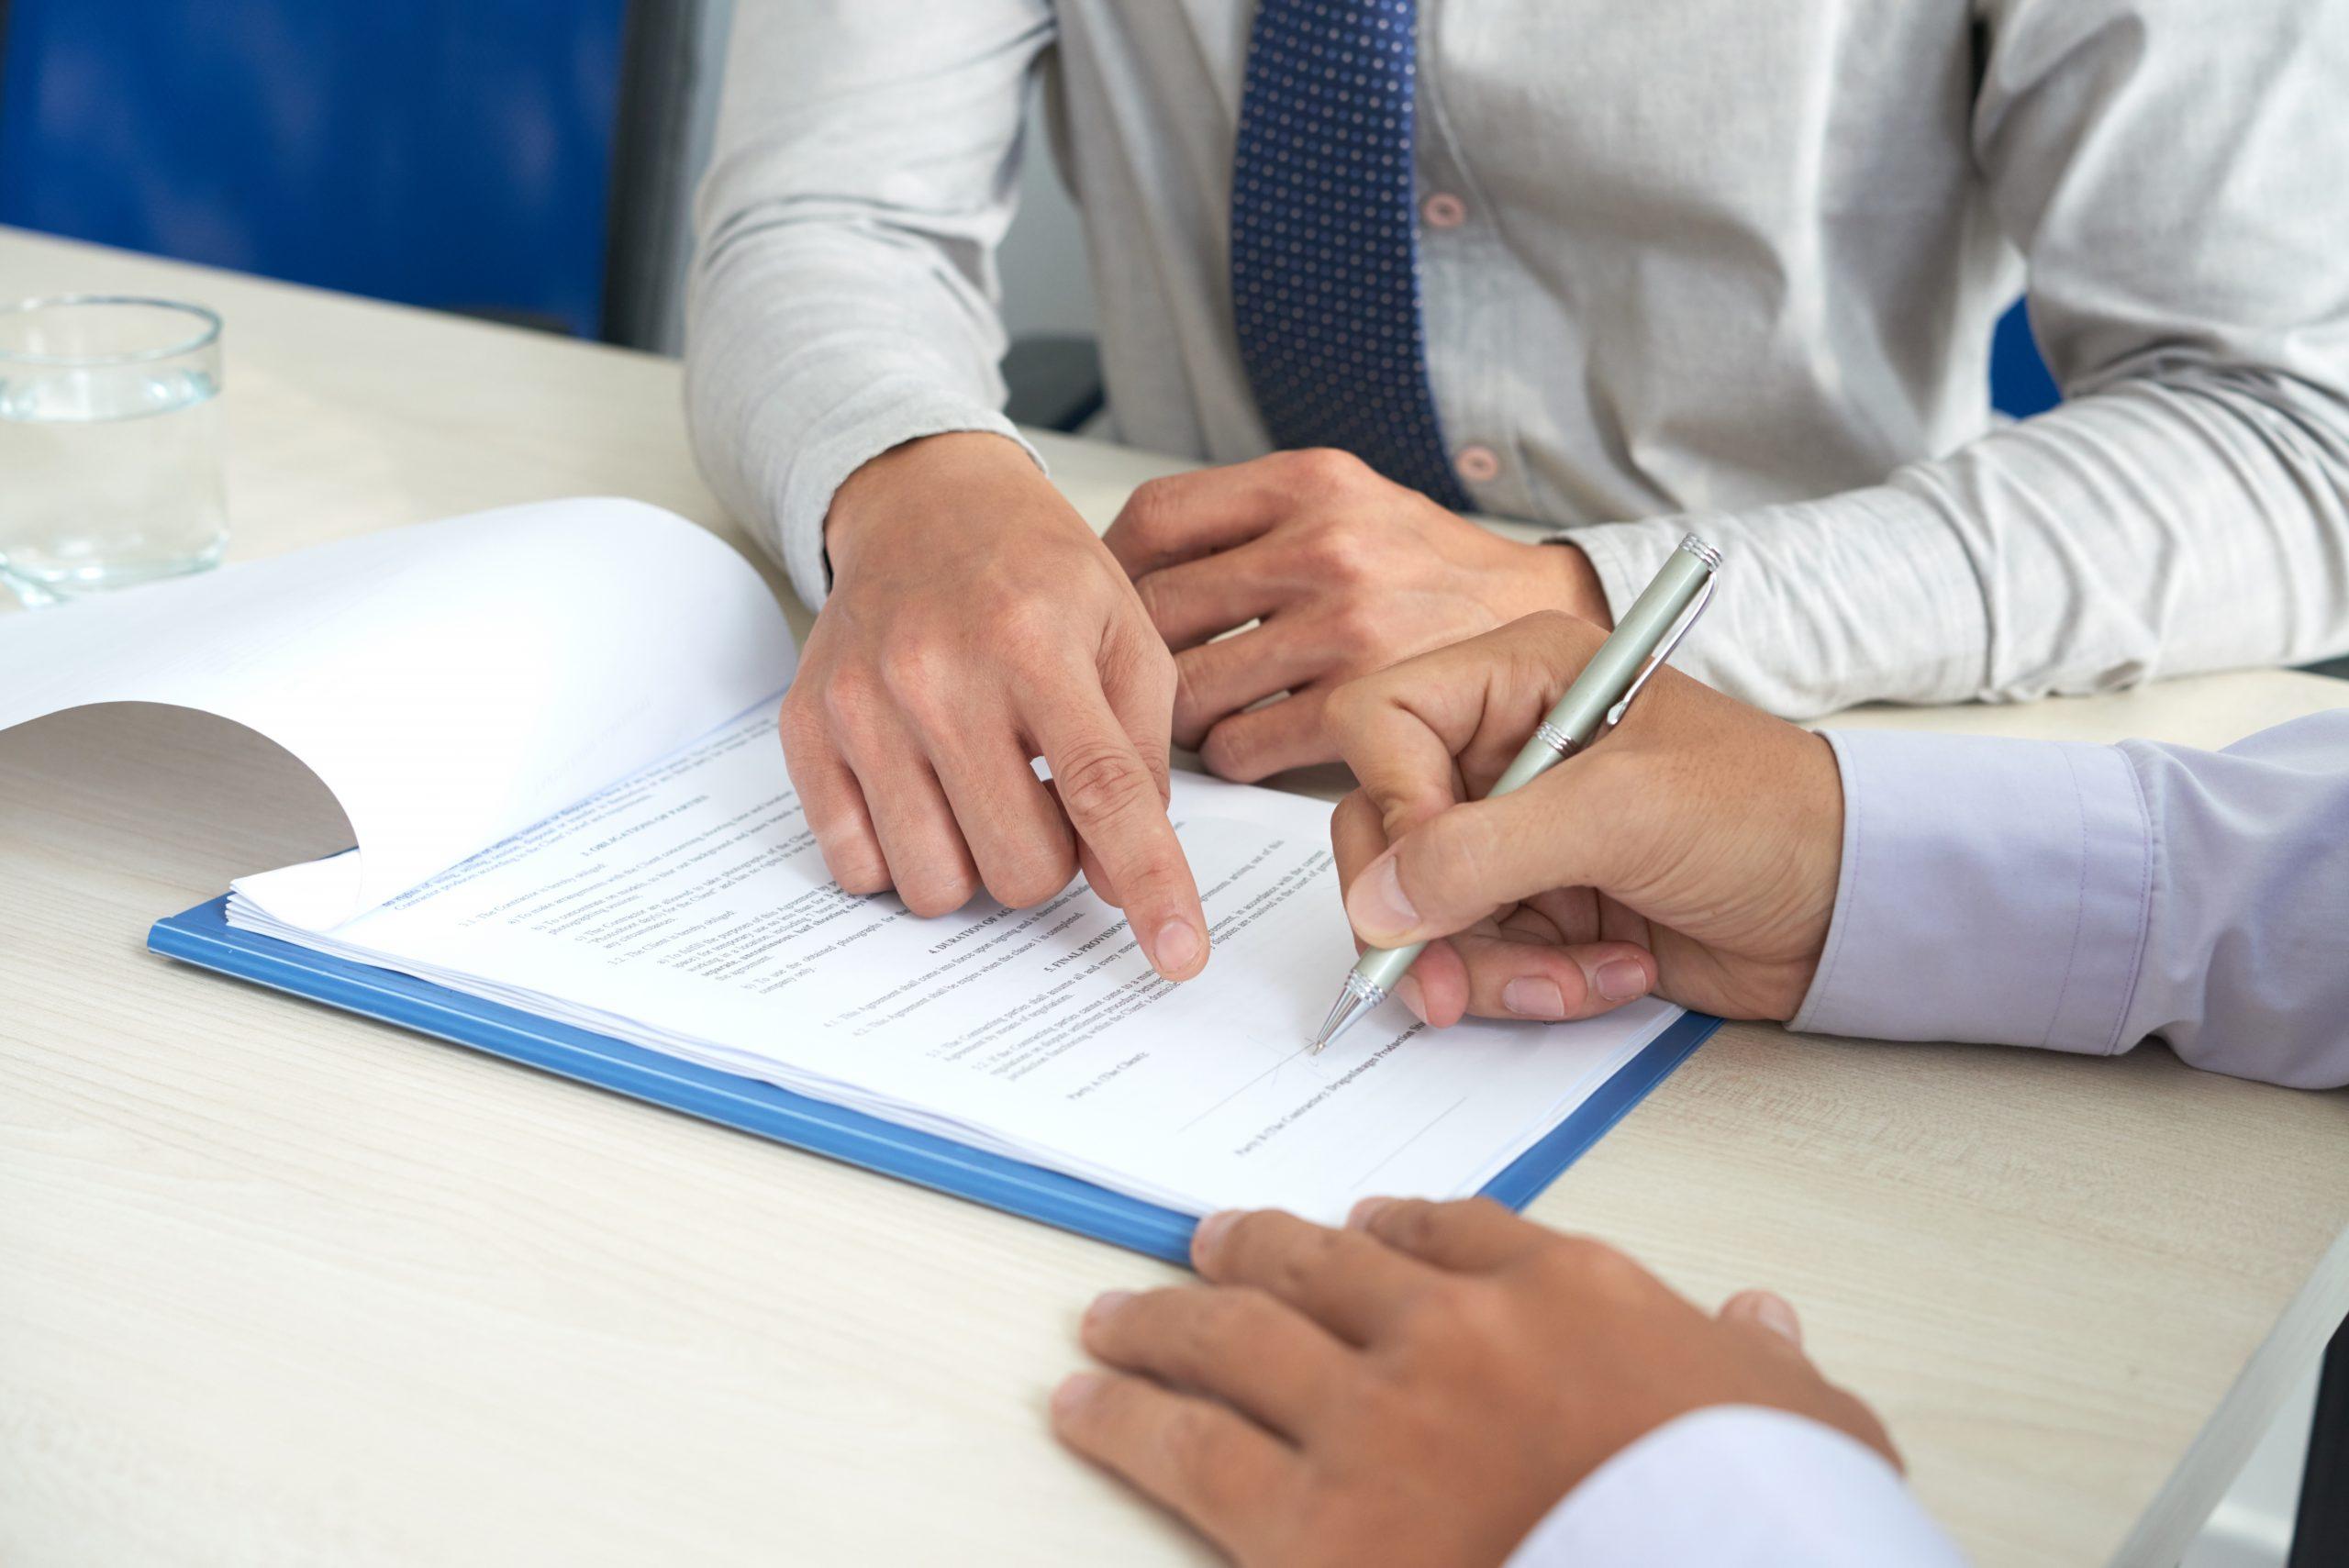 Firma o huella digital; eficaces indistintamente para acreditar renuncia de trabajadores